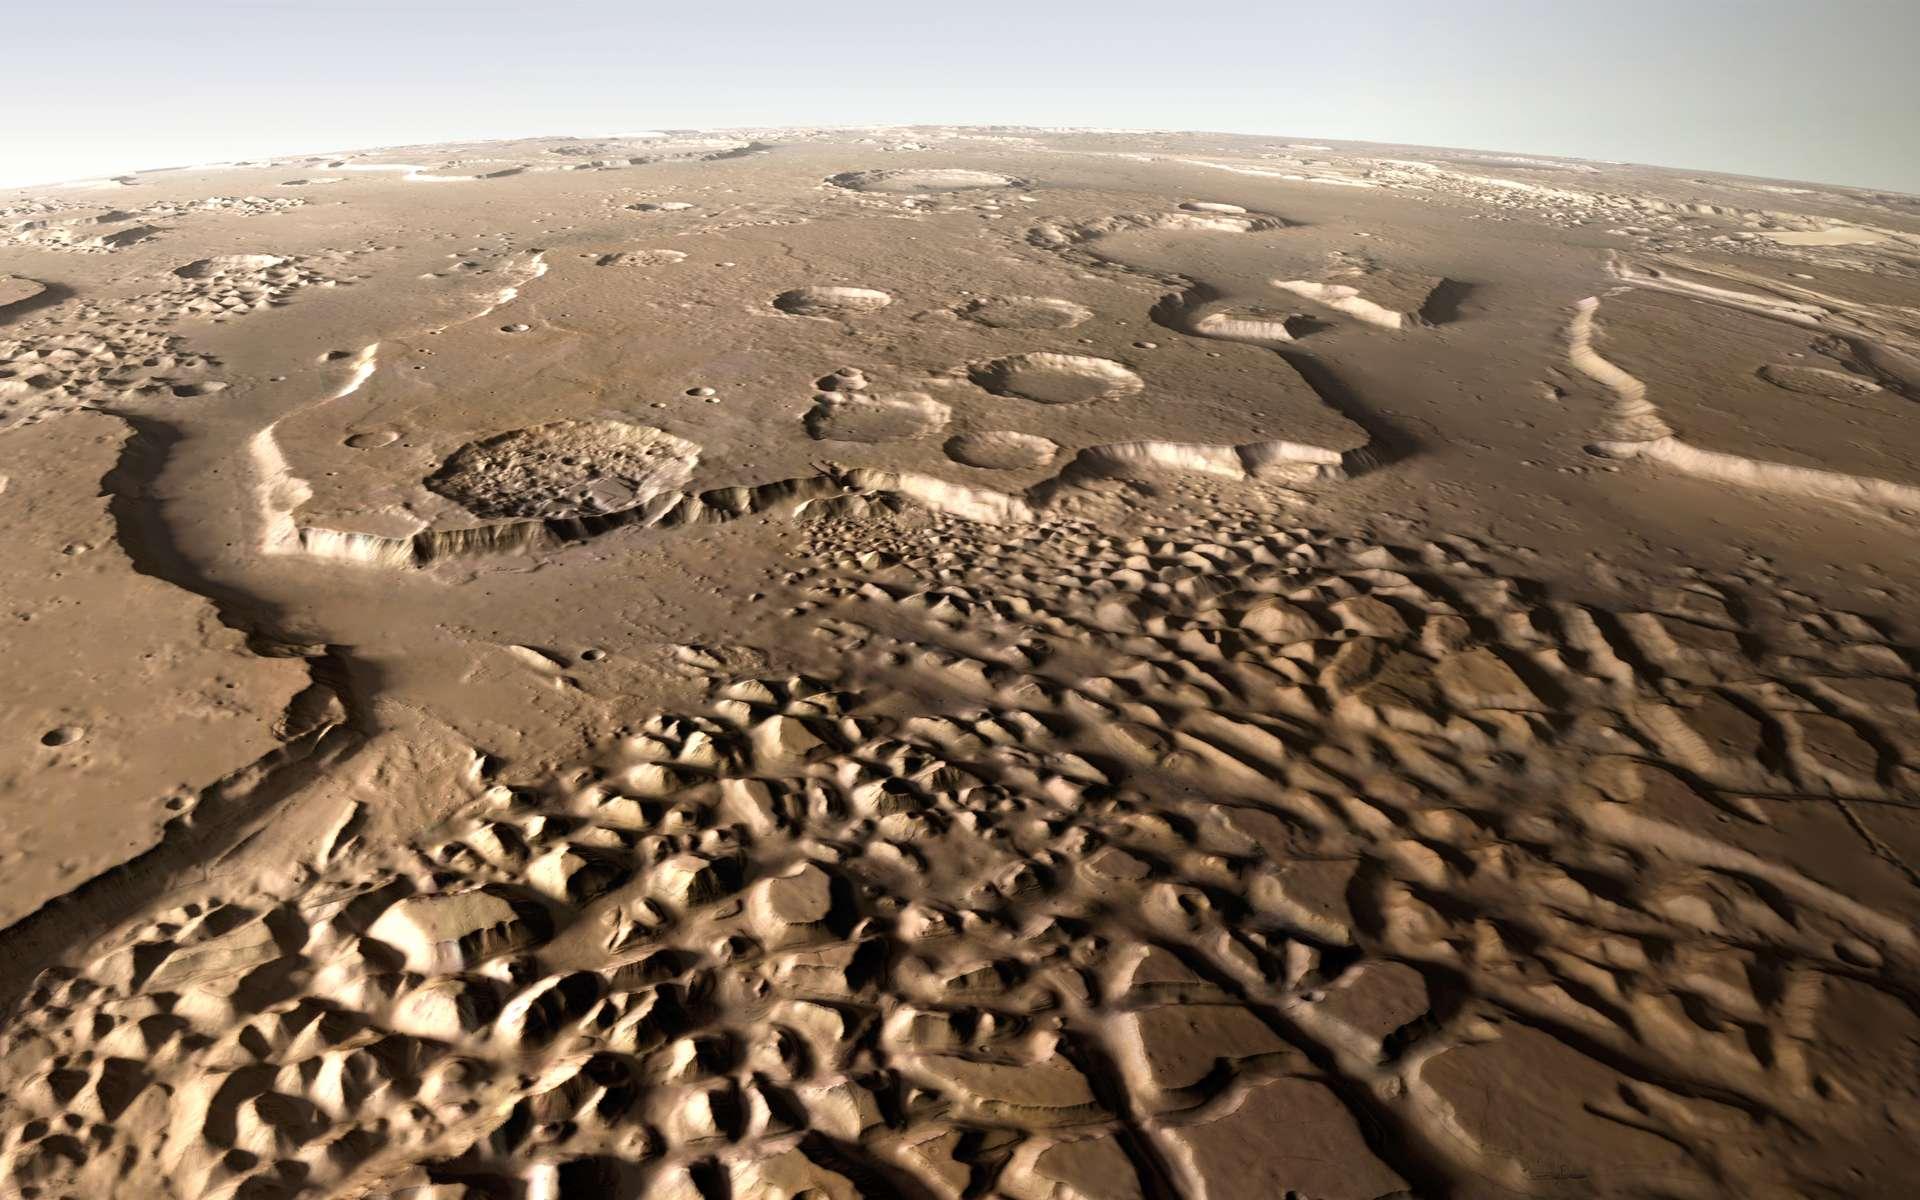 Vue en perspective d'Hydraotes Chaos. © ESA, DLR